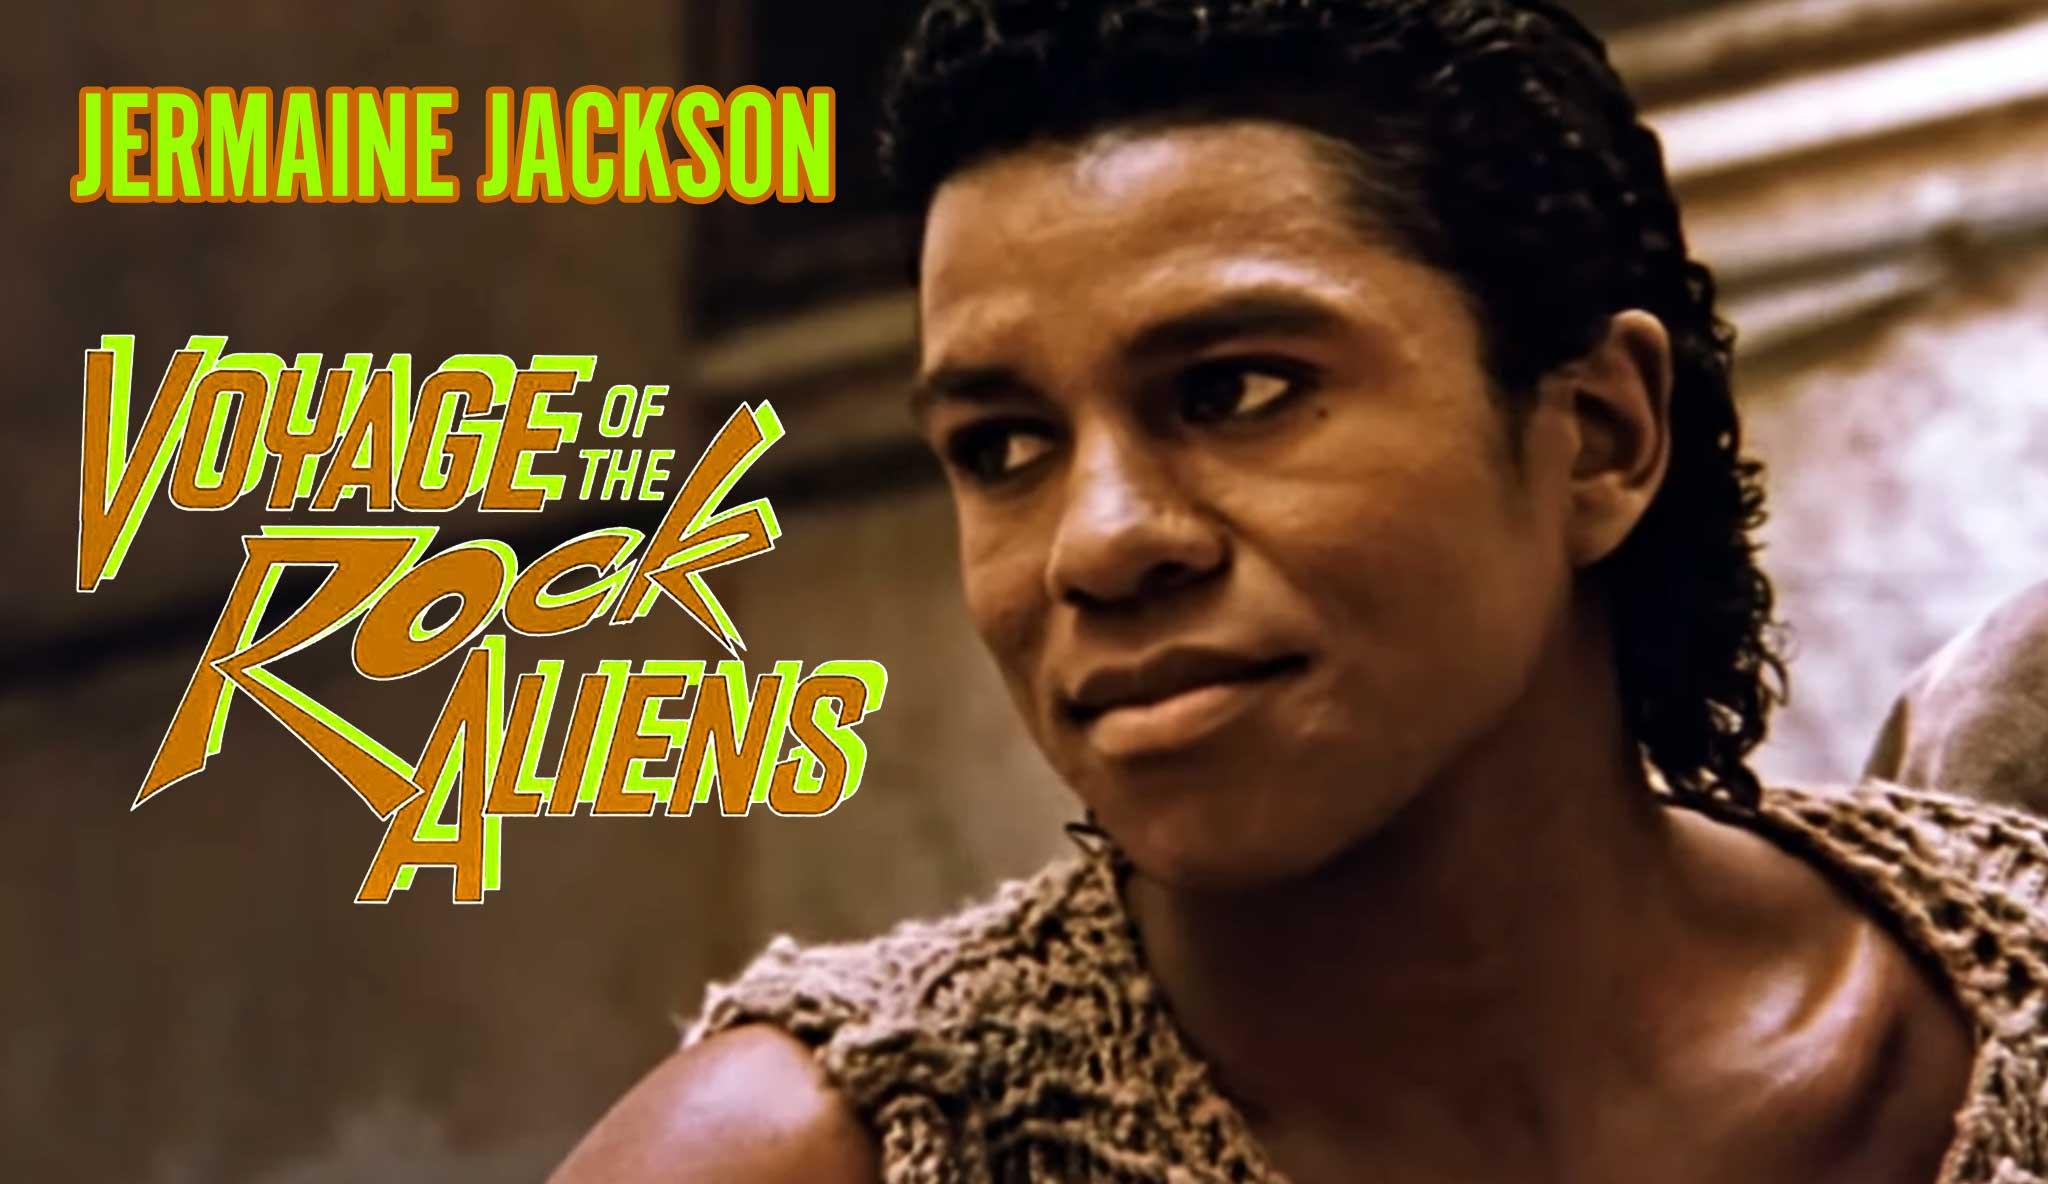 voyage-of-the-rock-aliens\header.jpg